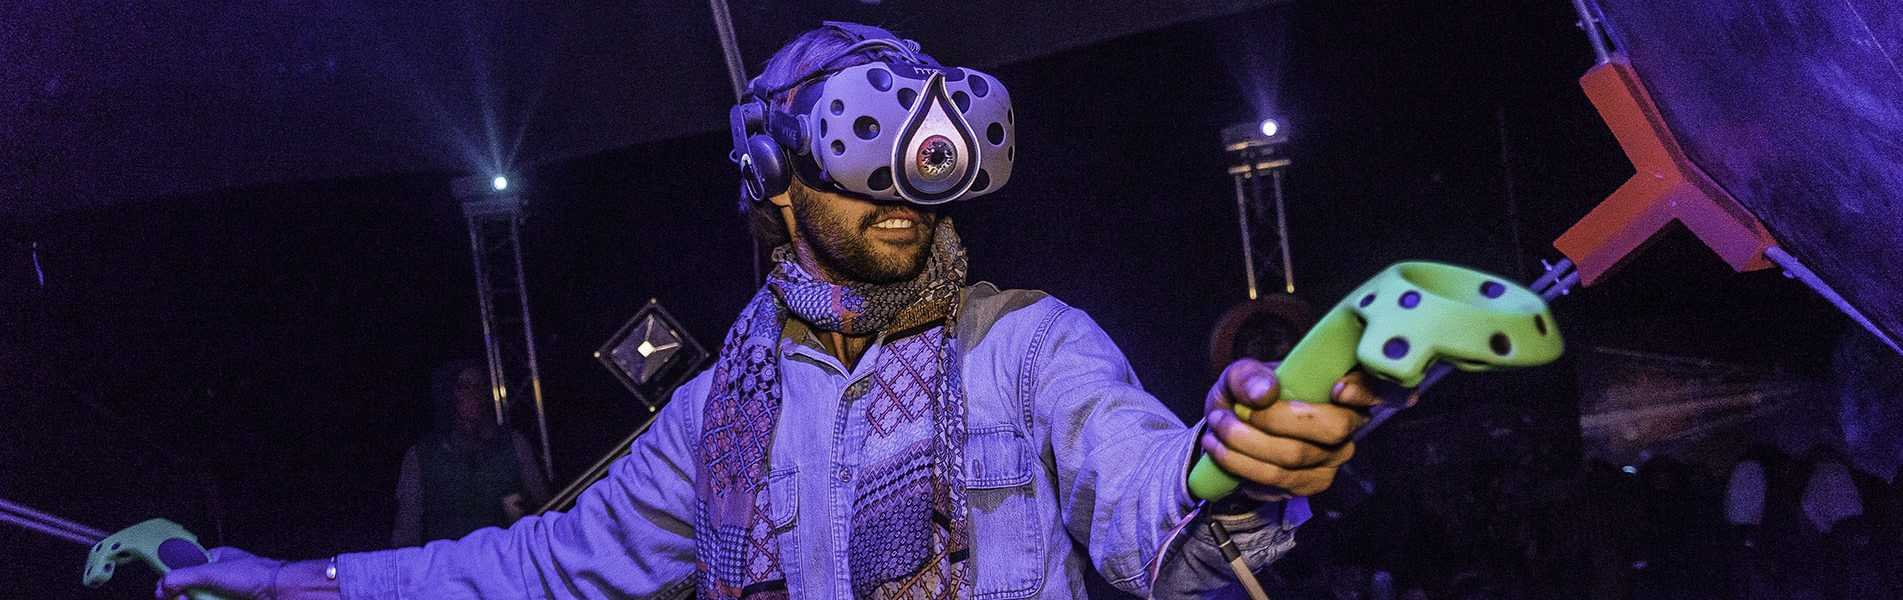 Microdose VR dome